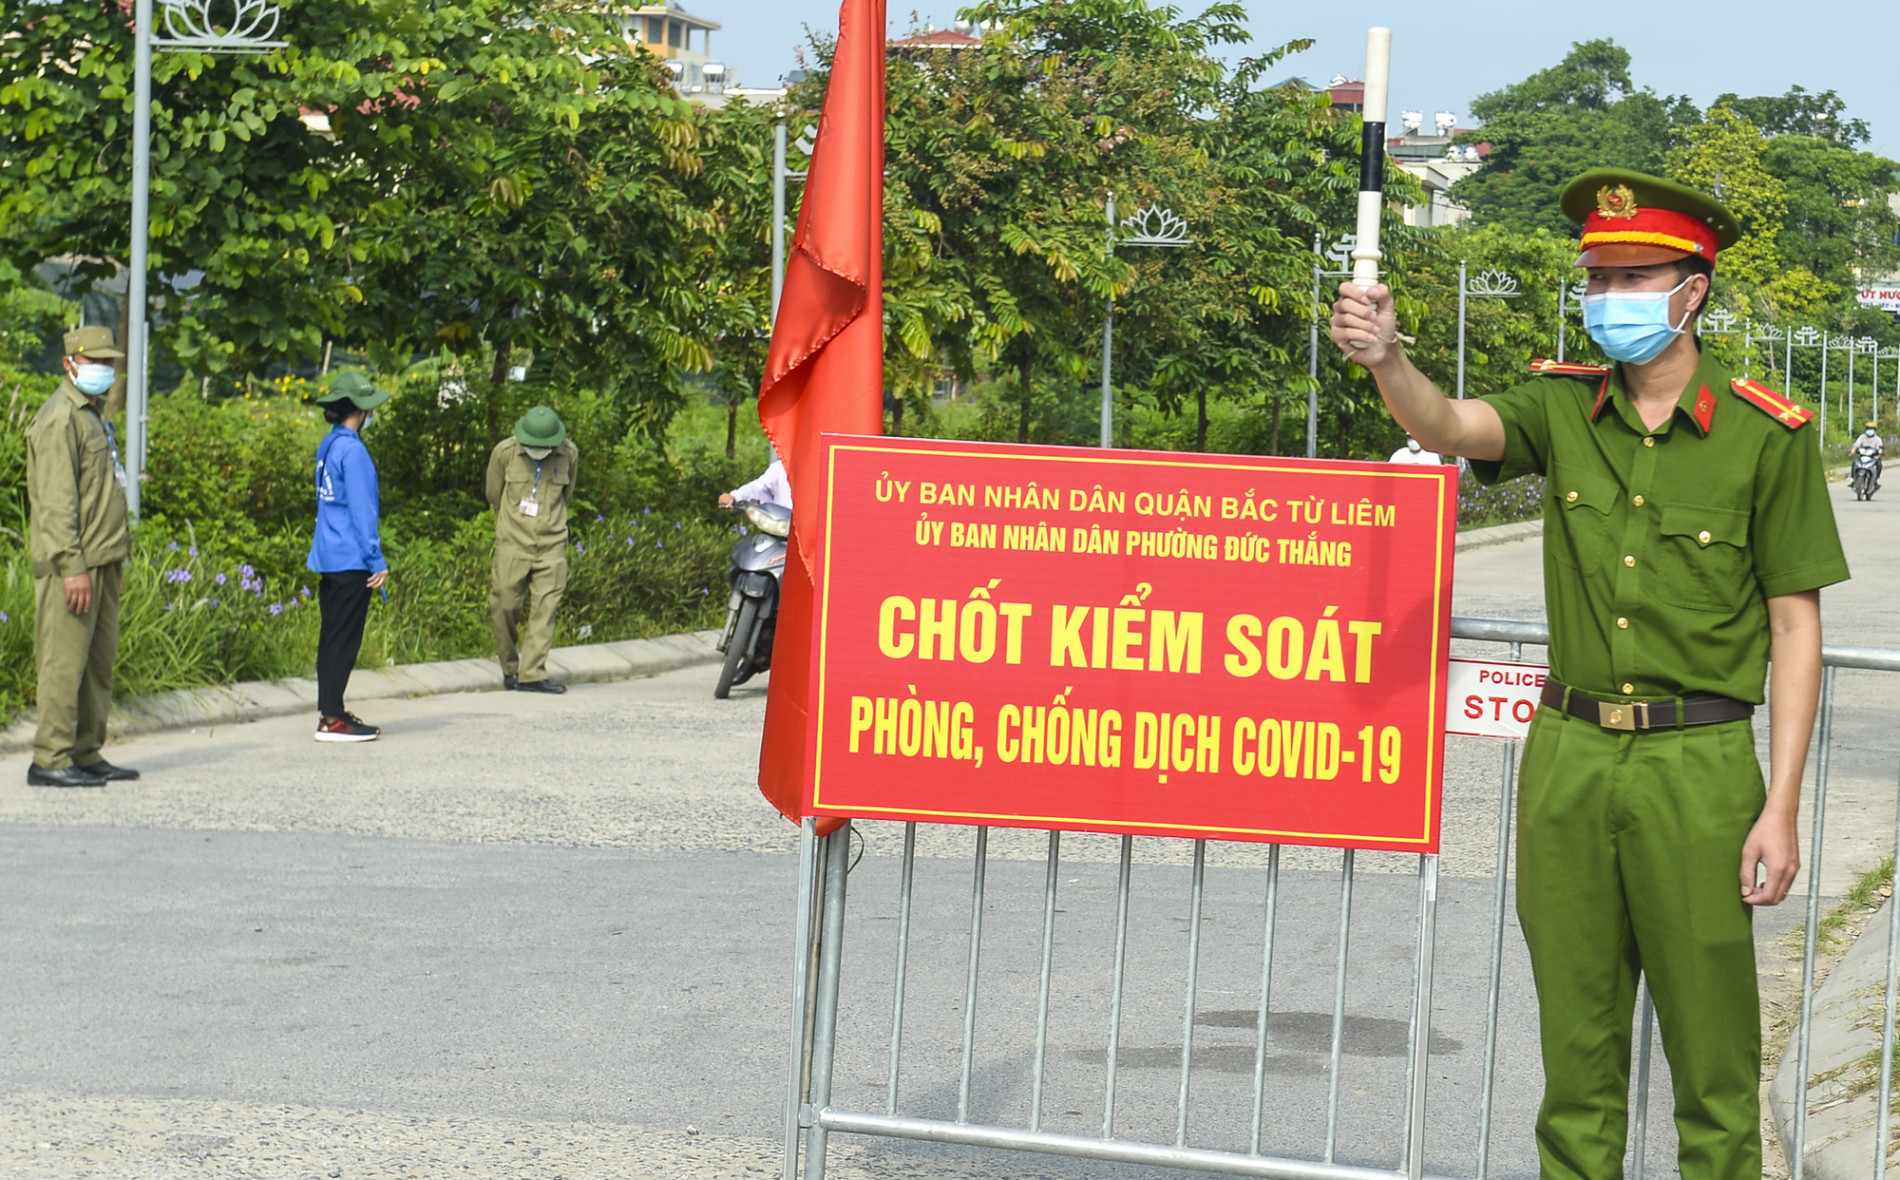 """Hà Nội: Phường phát """"phiếu kiểm soát phòng, chống COVID-19"""", mỗi nhà chỉ ra đường 1 lần/ngày"""